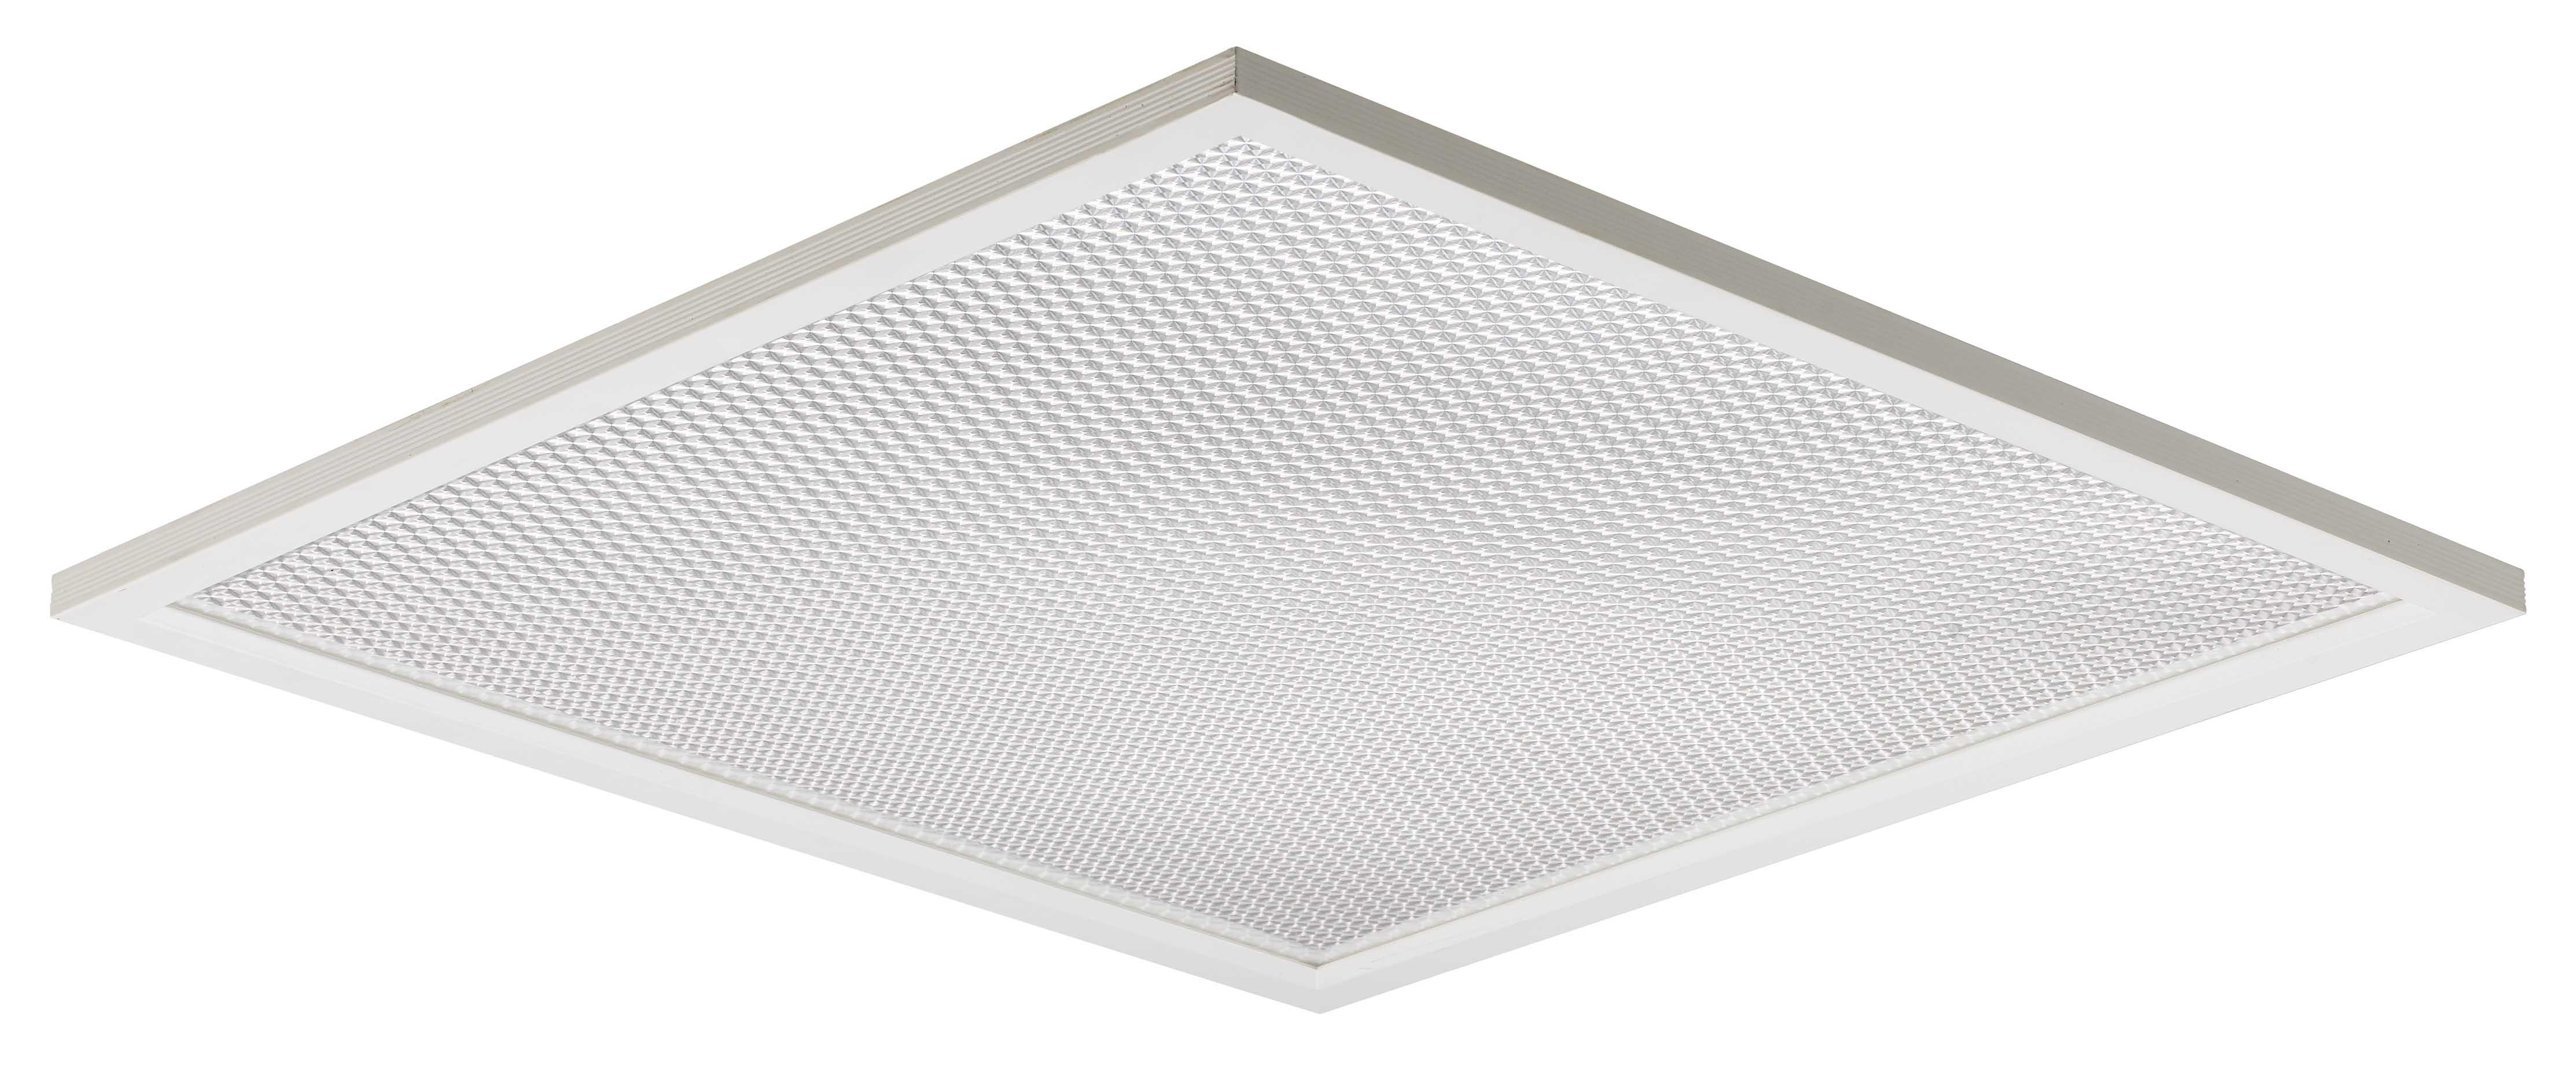 led panel ip65 30w 60x60cm dimmerabile 1 10v nevlight prodotti per l 39 illuminazione a led. Black Bedroom Furniture Sets. Home Design Ideas